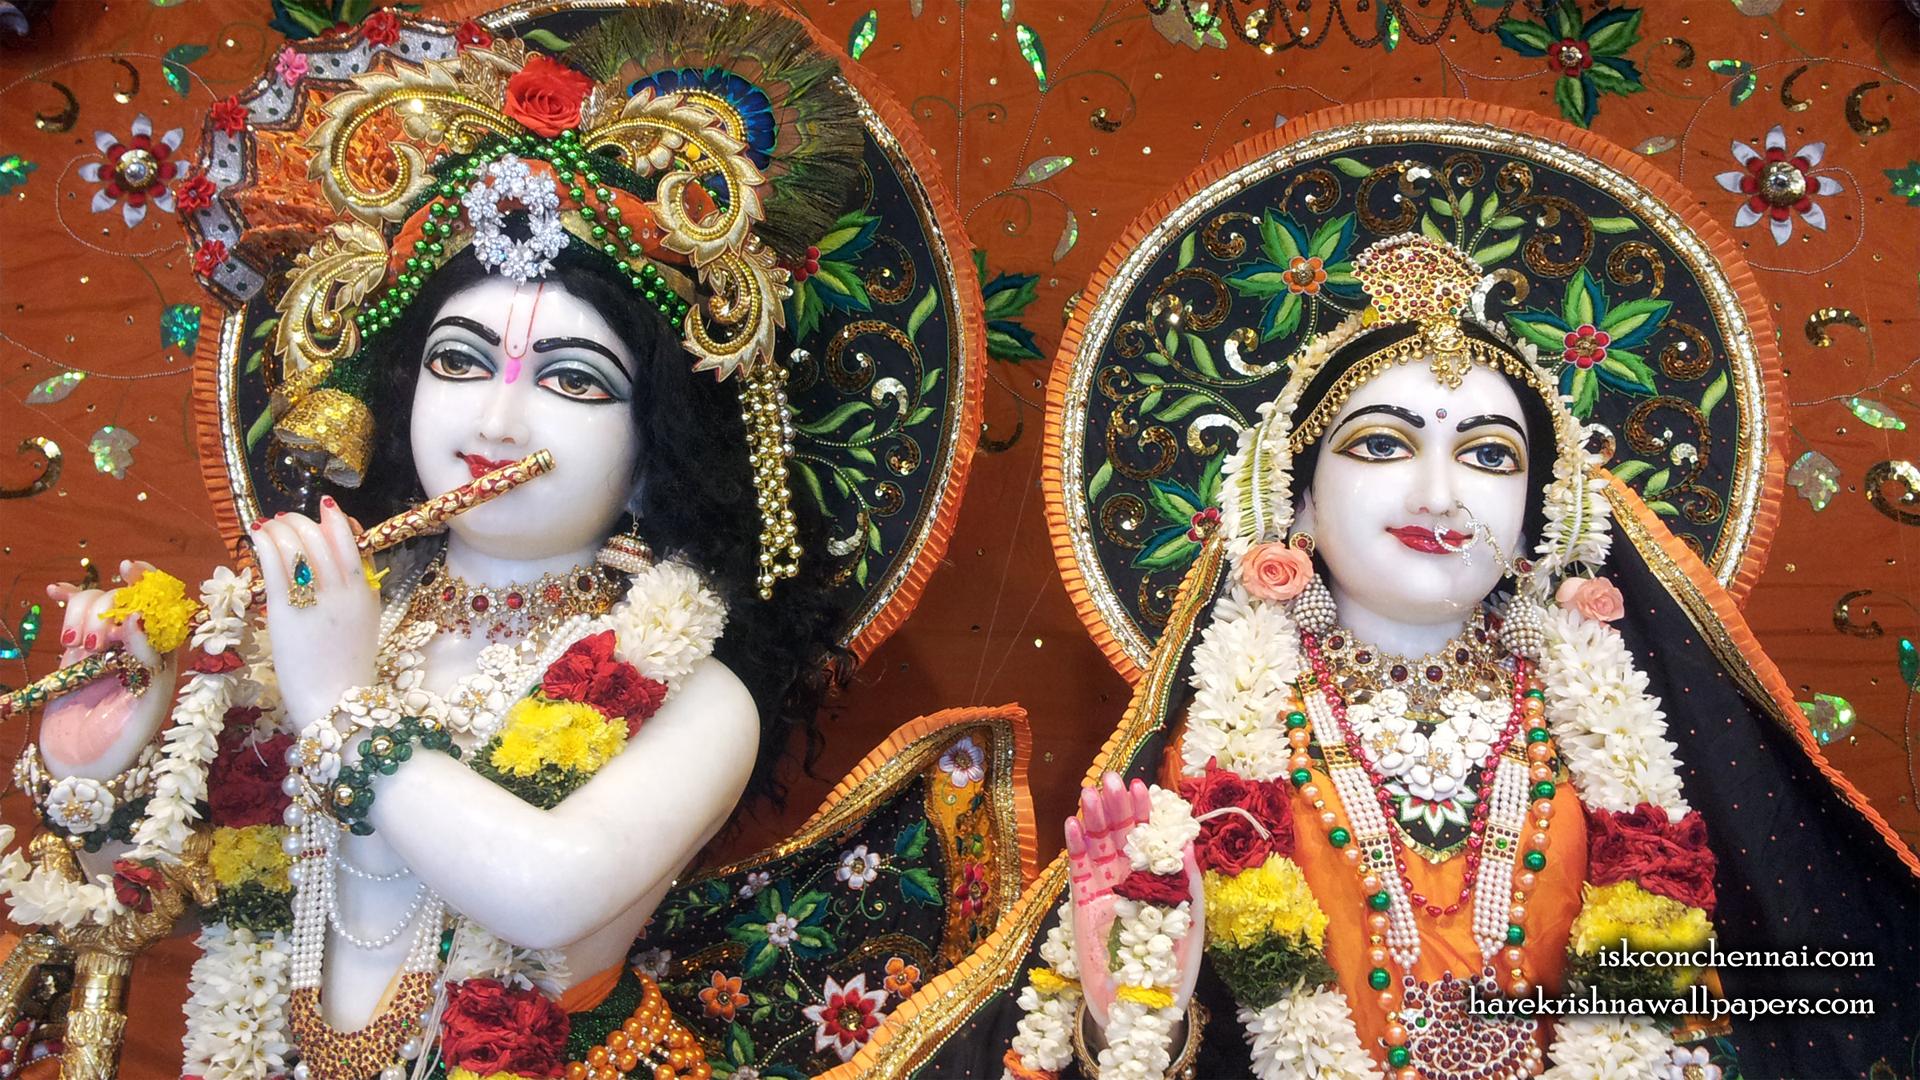 Sri Sri Radha Krishna Close up Wallpaper (003) Size 1920x1080 Download